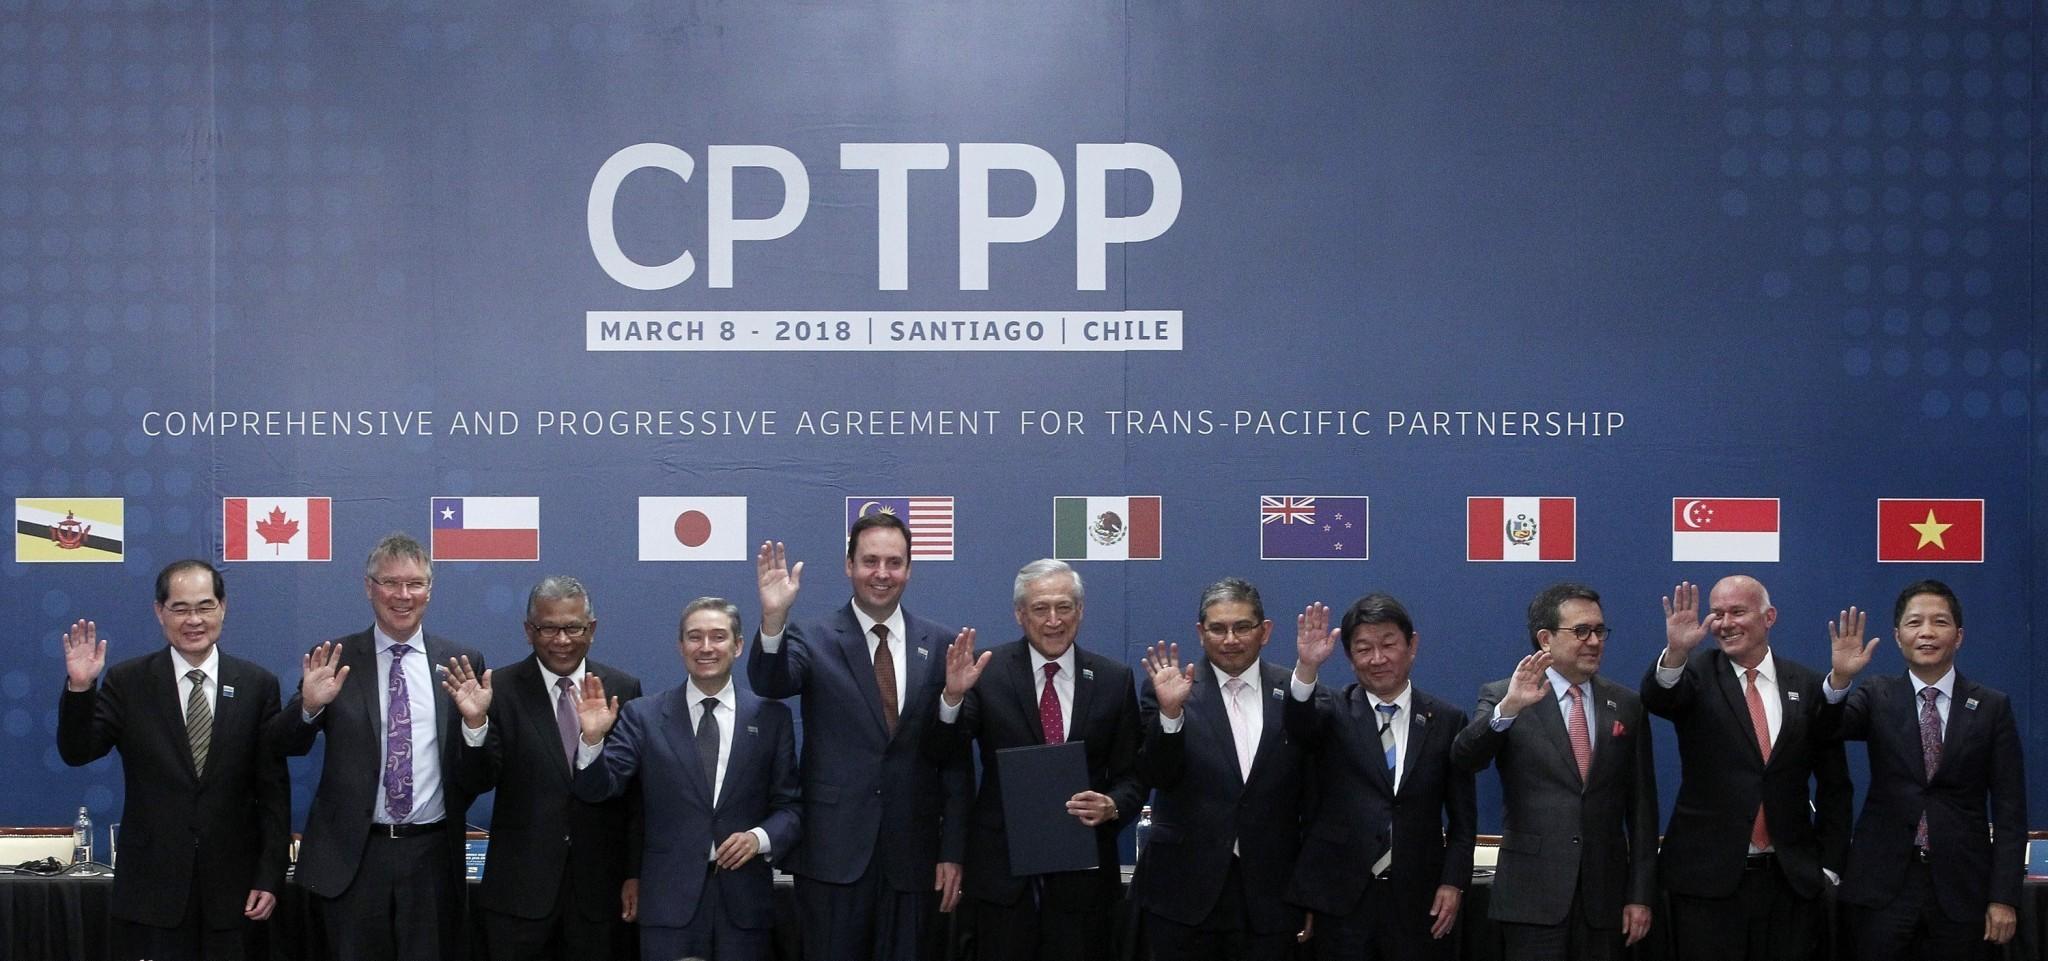 Ưu đãi đầu tư trong Hiệp định CPTPP-TPP và hiệp định về tự do, xúc tiến và bảo hộ đầu tư giữa Việt Nam – Nhật Bản